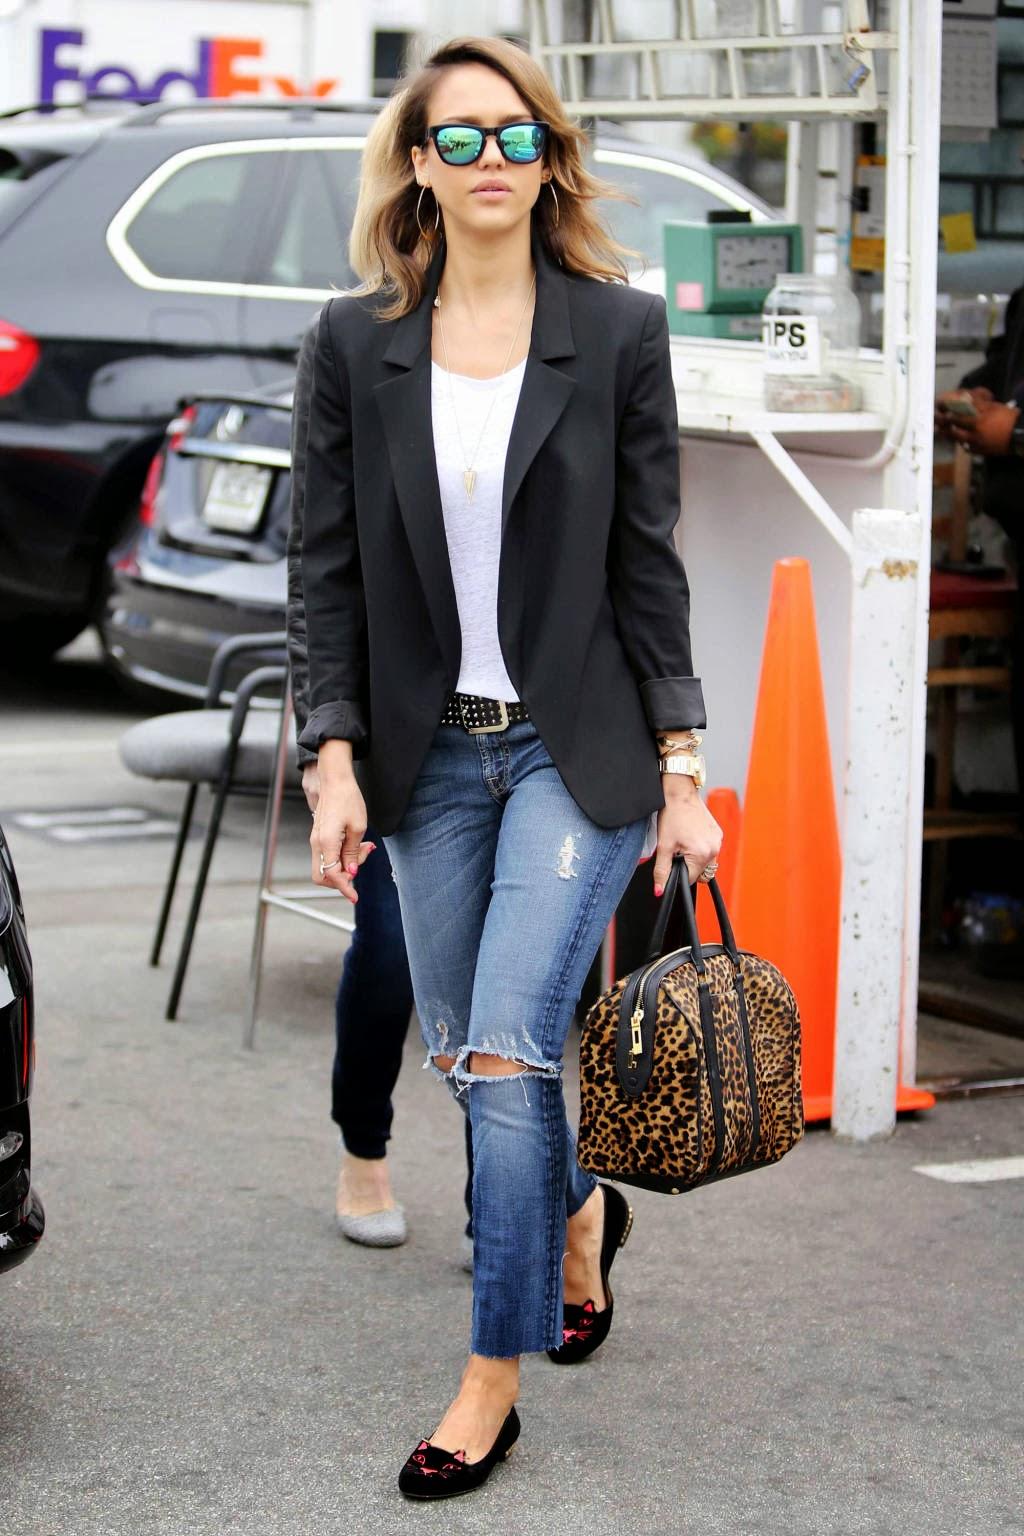 Туфли лоферы с джинсами – фото новинки